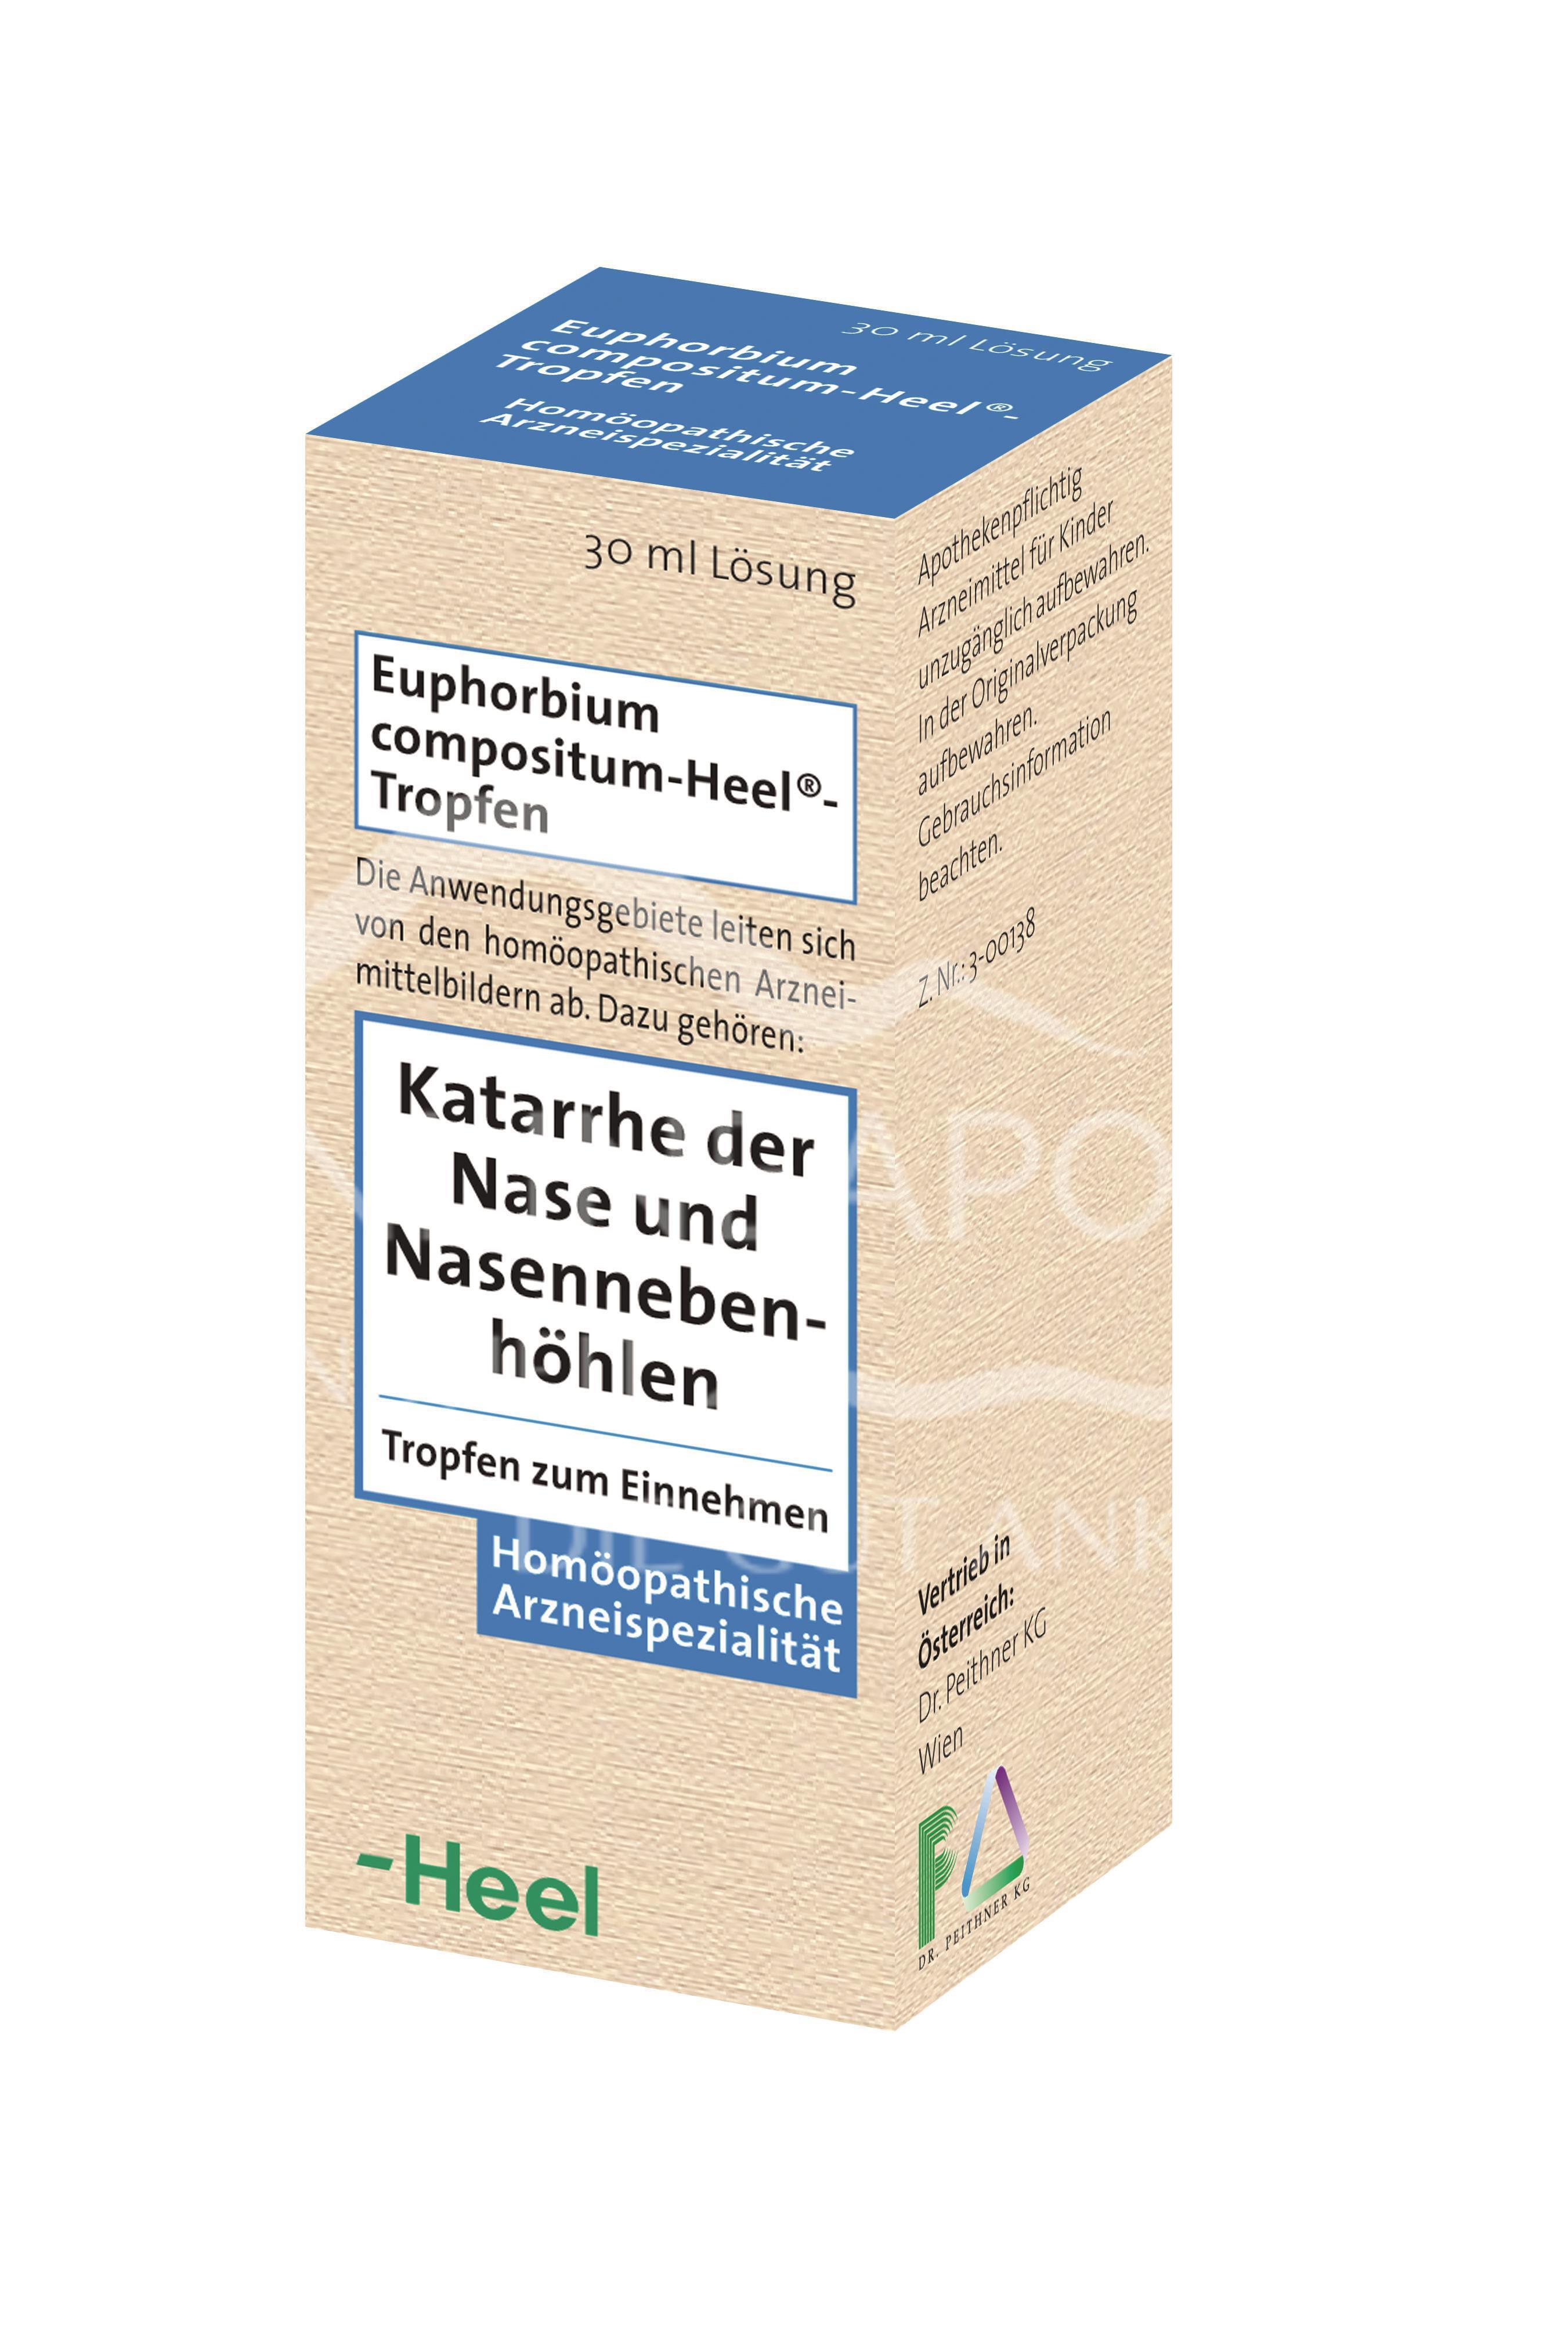 Euphorbium compositum-Heel®-Tropfen